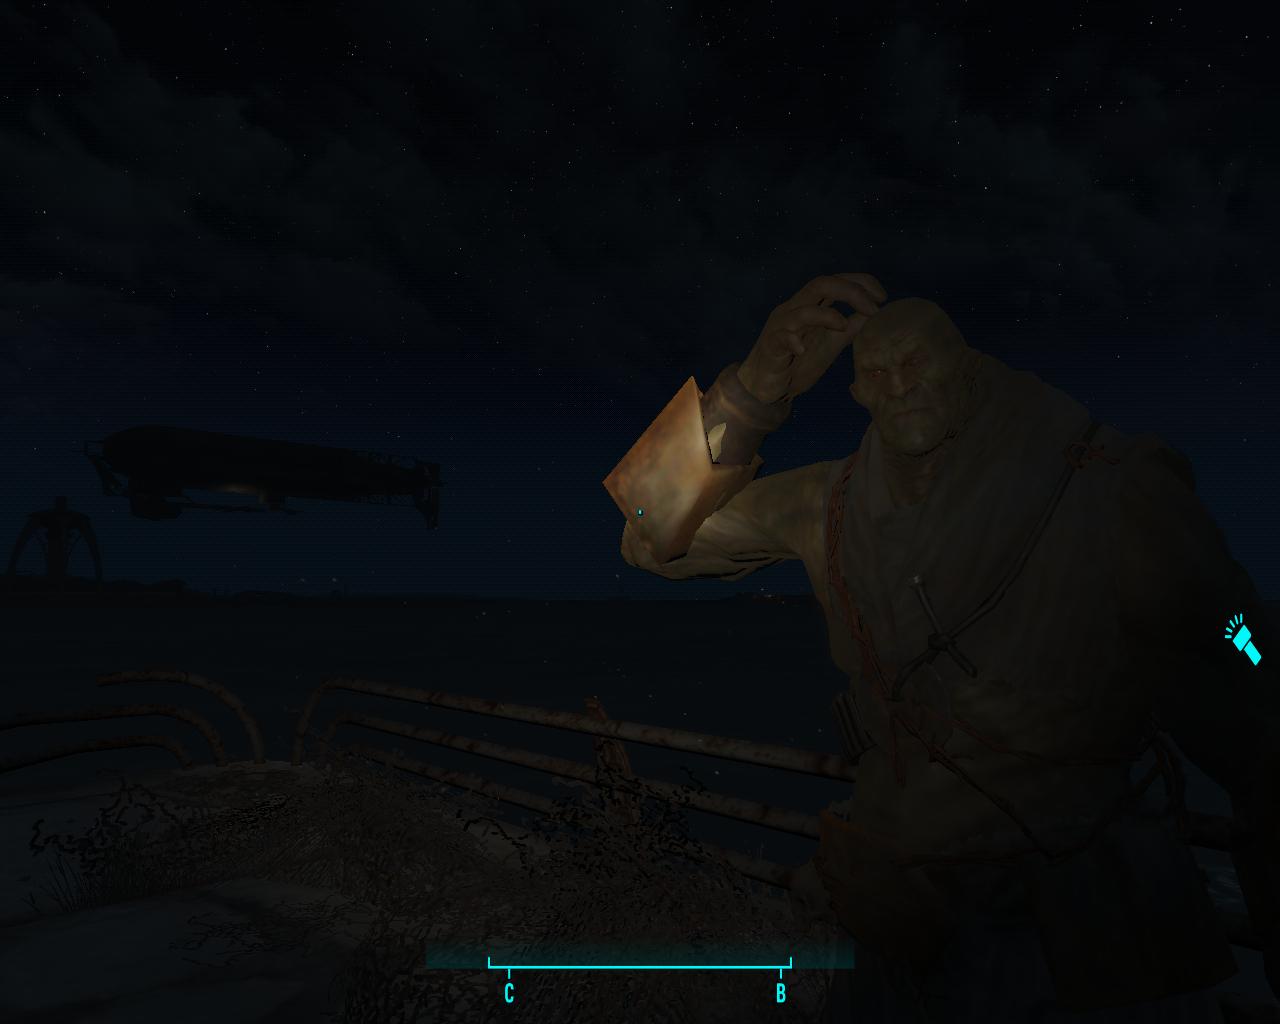 Вот я попал! - Fallout 4